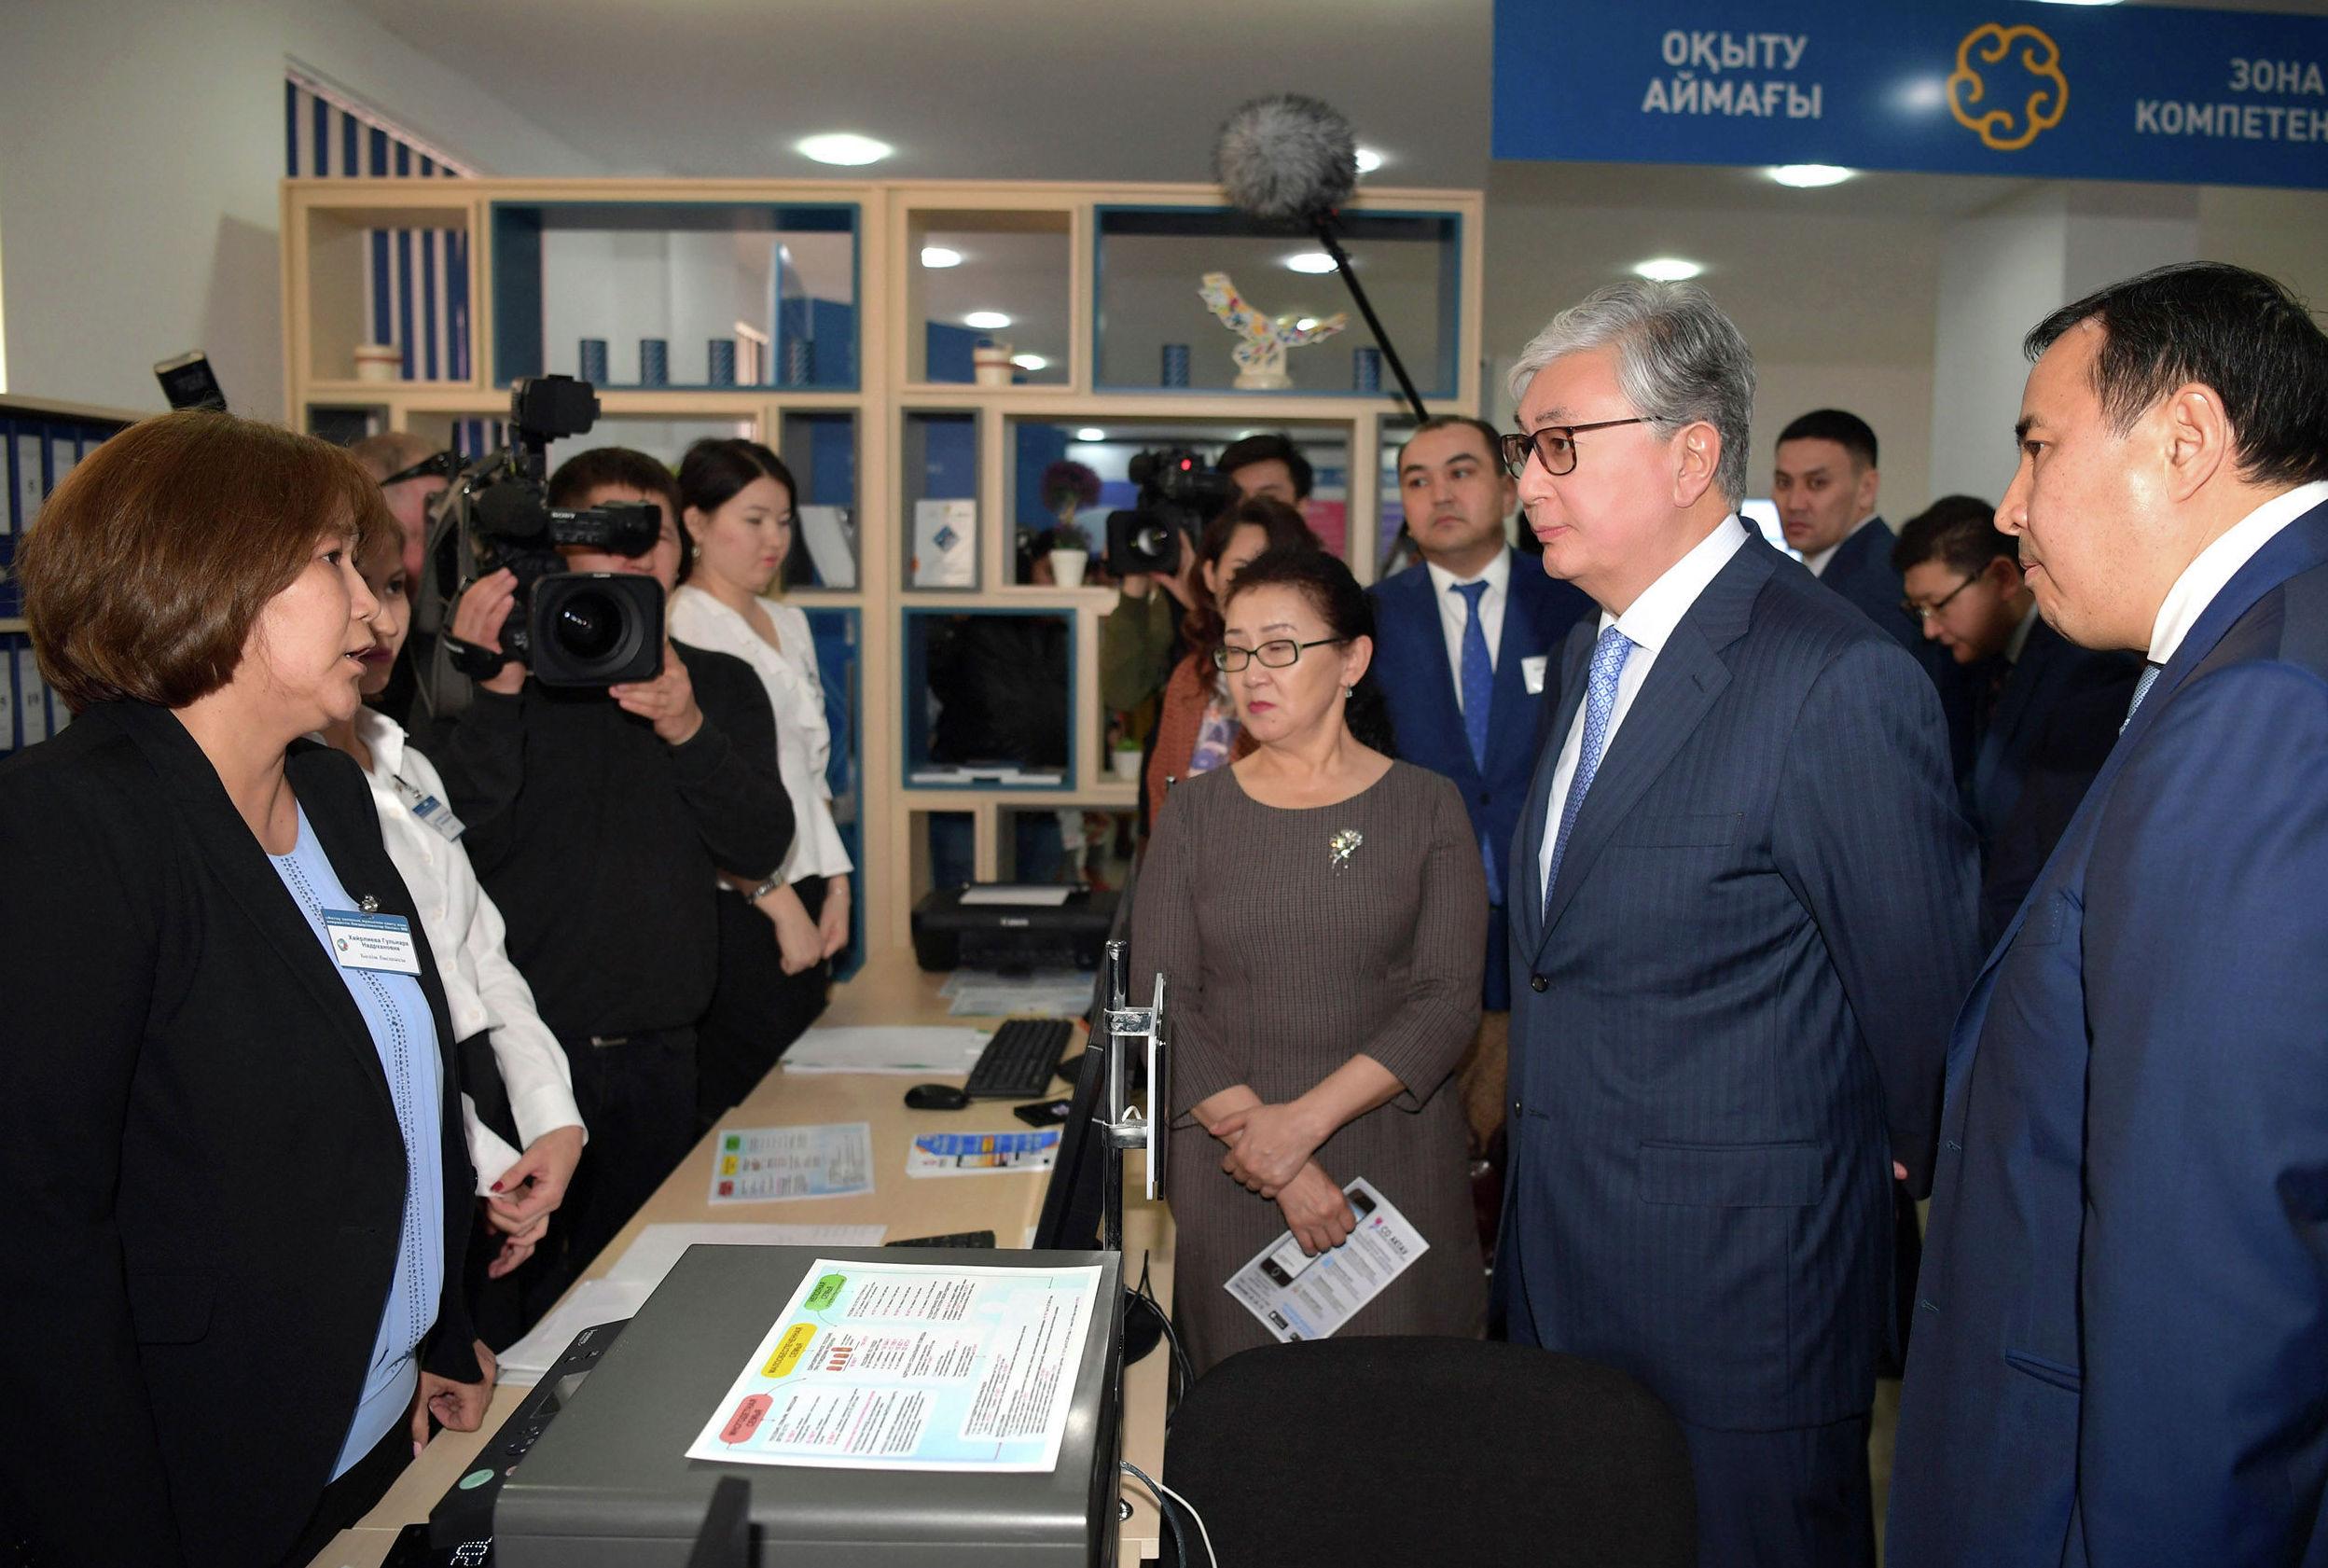 Посещение Касым-Жомартом Токаевым центра обслуживания предпринимателей города Актау